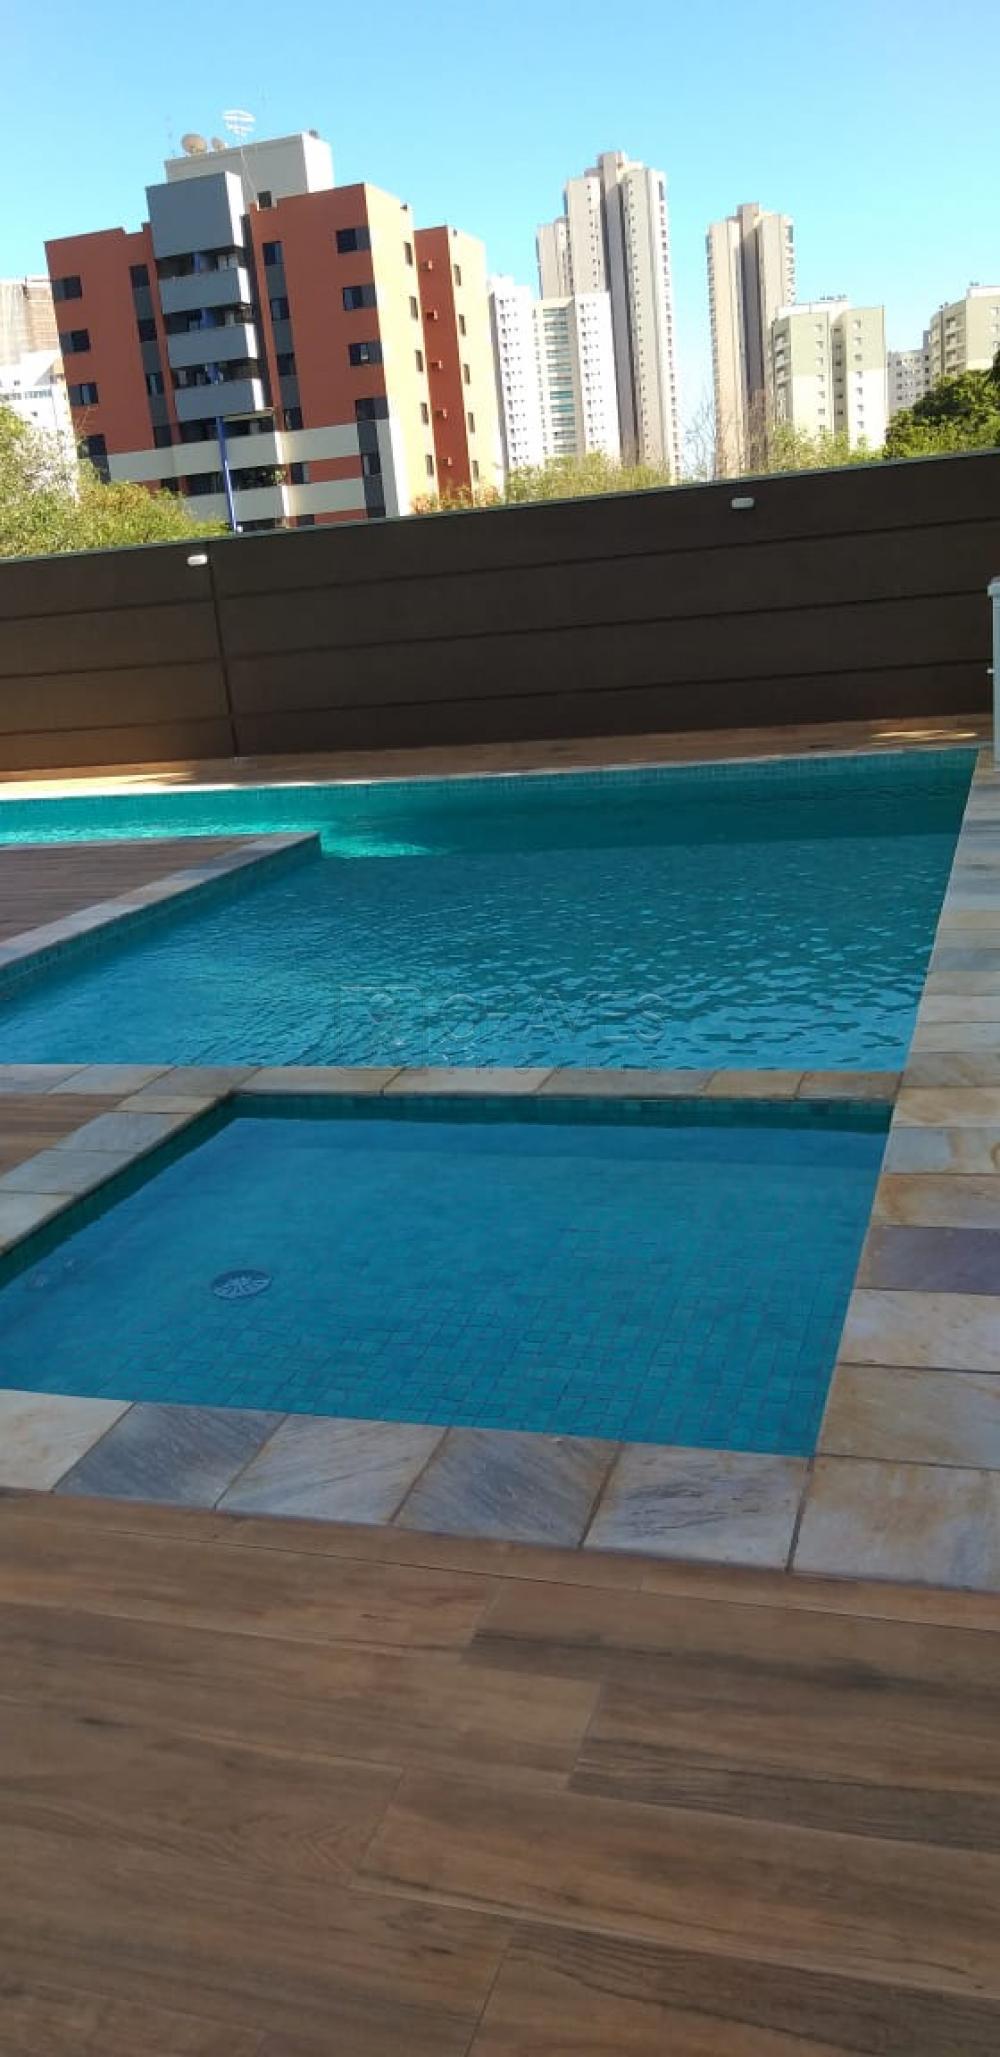 Comprar Apartamento / Cobertura em Ribeirão Preto R$ 1.319.000,00 - Foto 10